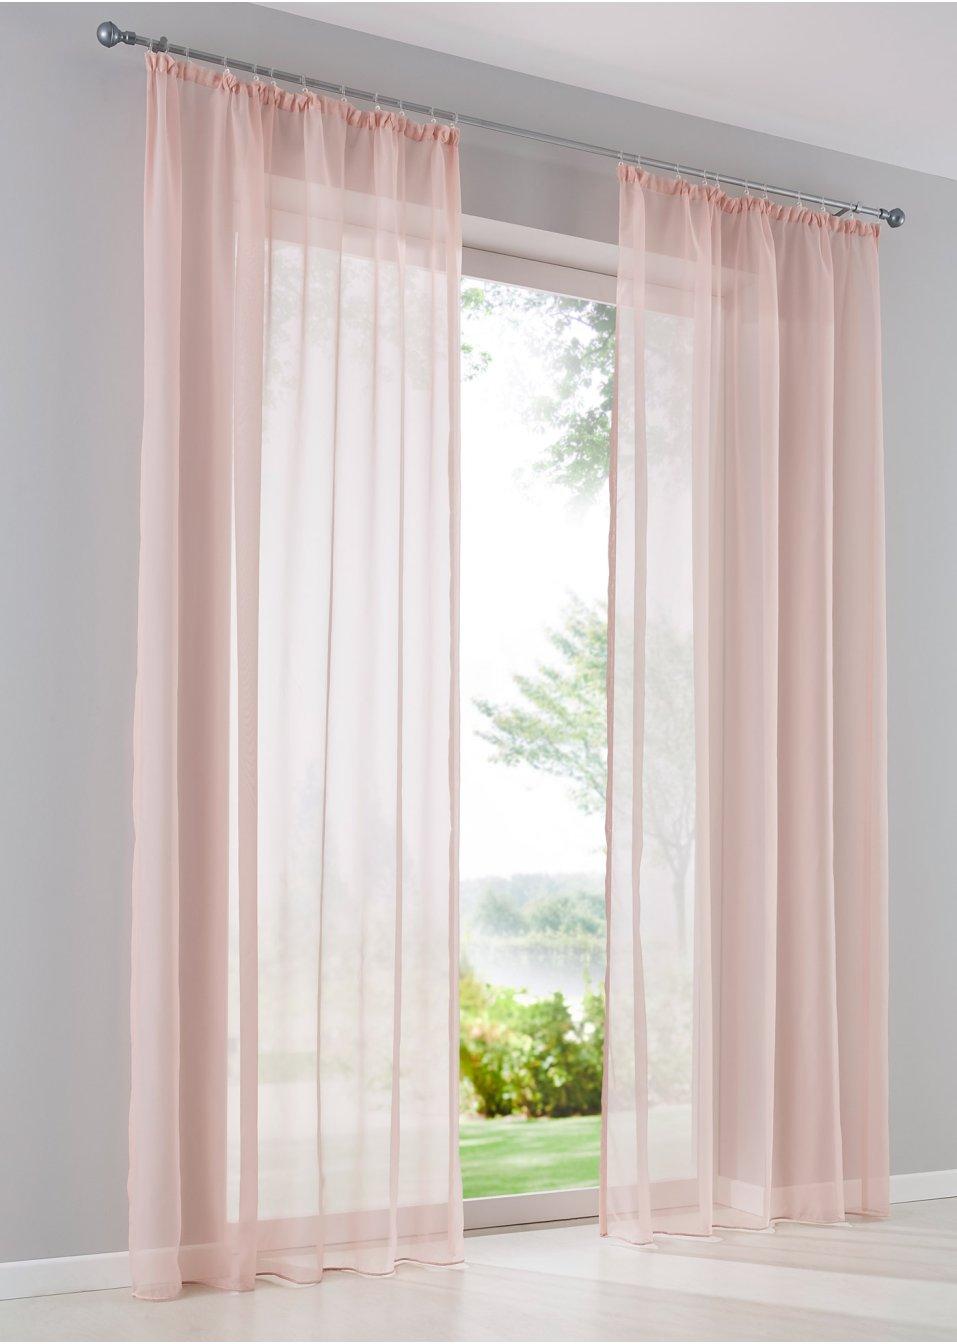 Full Size of Fenster Gardinen Für Die Küche Wohnzimmer Schlafzimmer Scheibengardinen Bonprix Betten Wohnzimmer Bonprix Gardinen